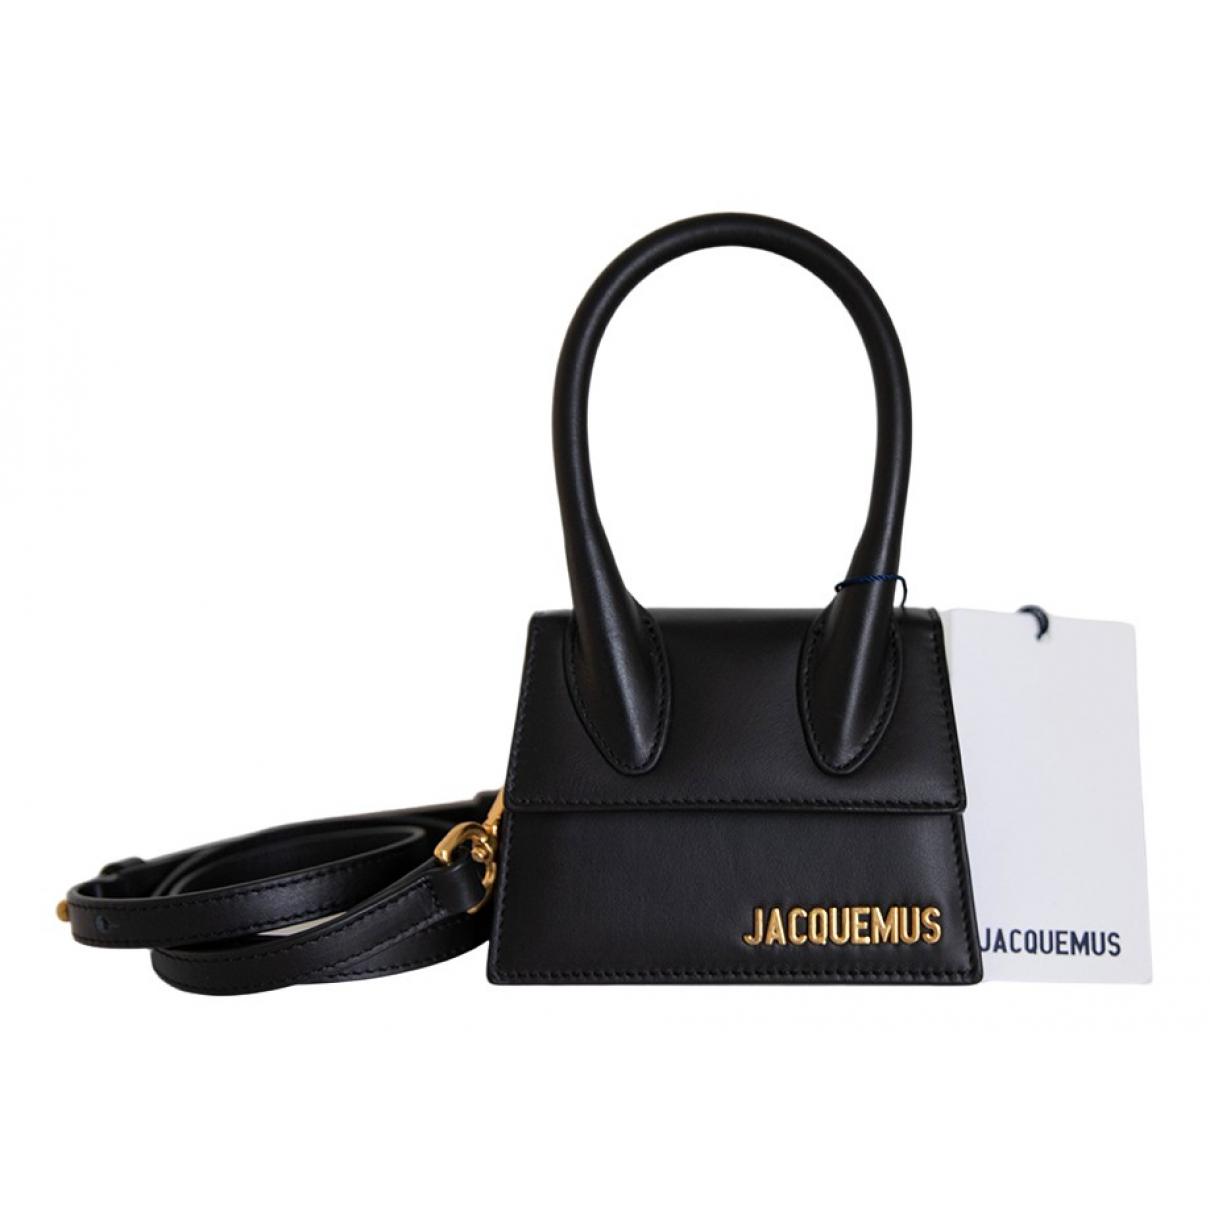 Jacquemus - Sac a main Chiquito pour femme en cuir - noir